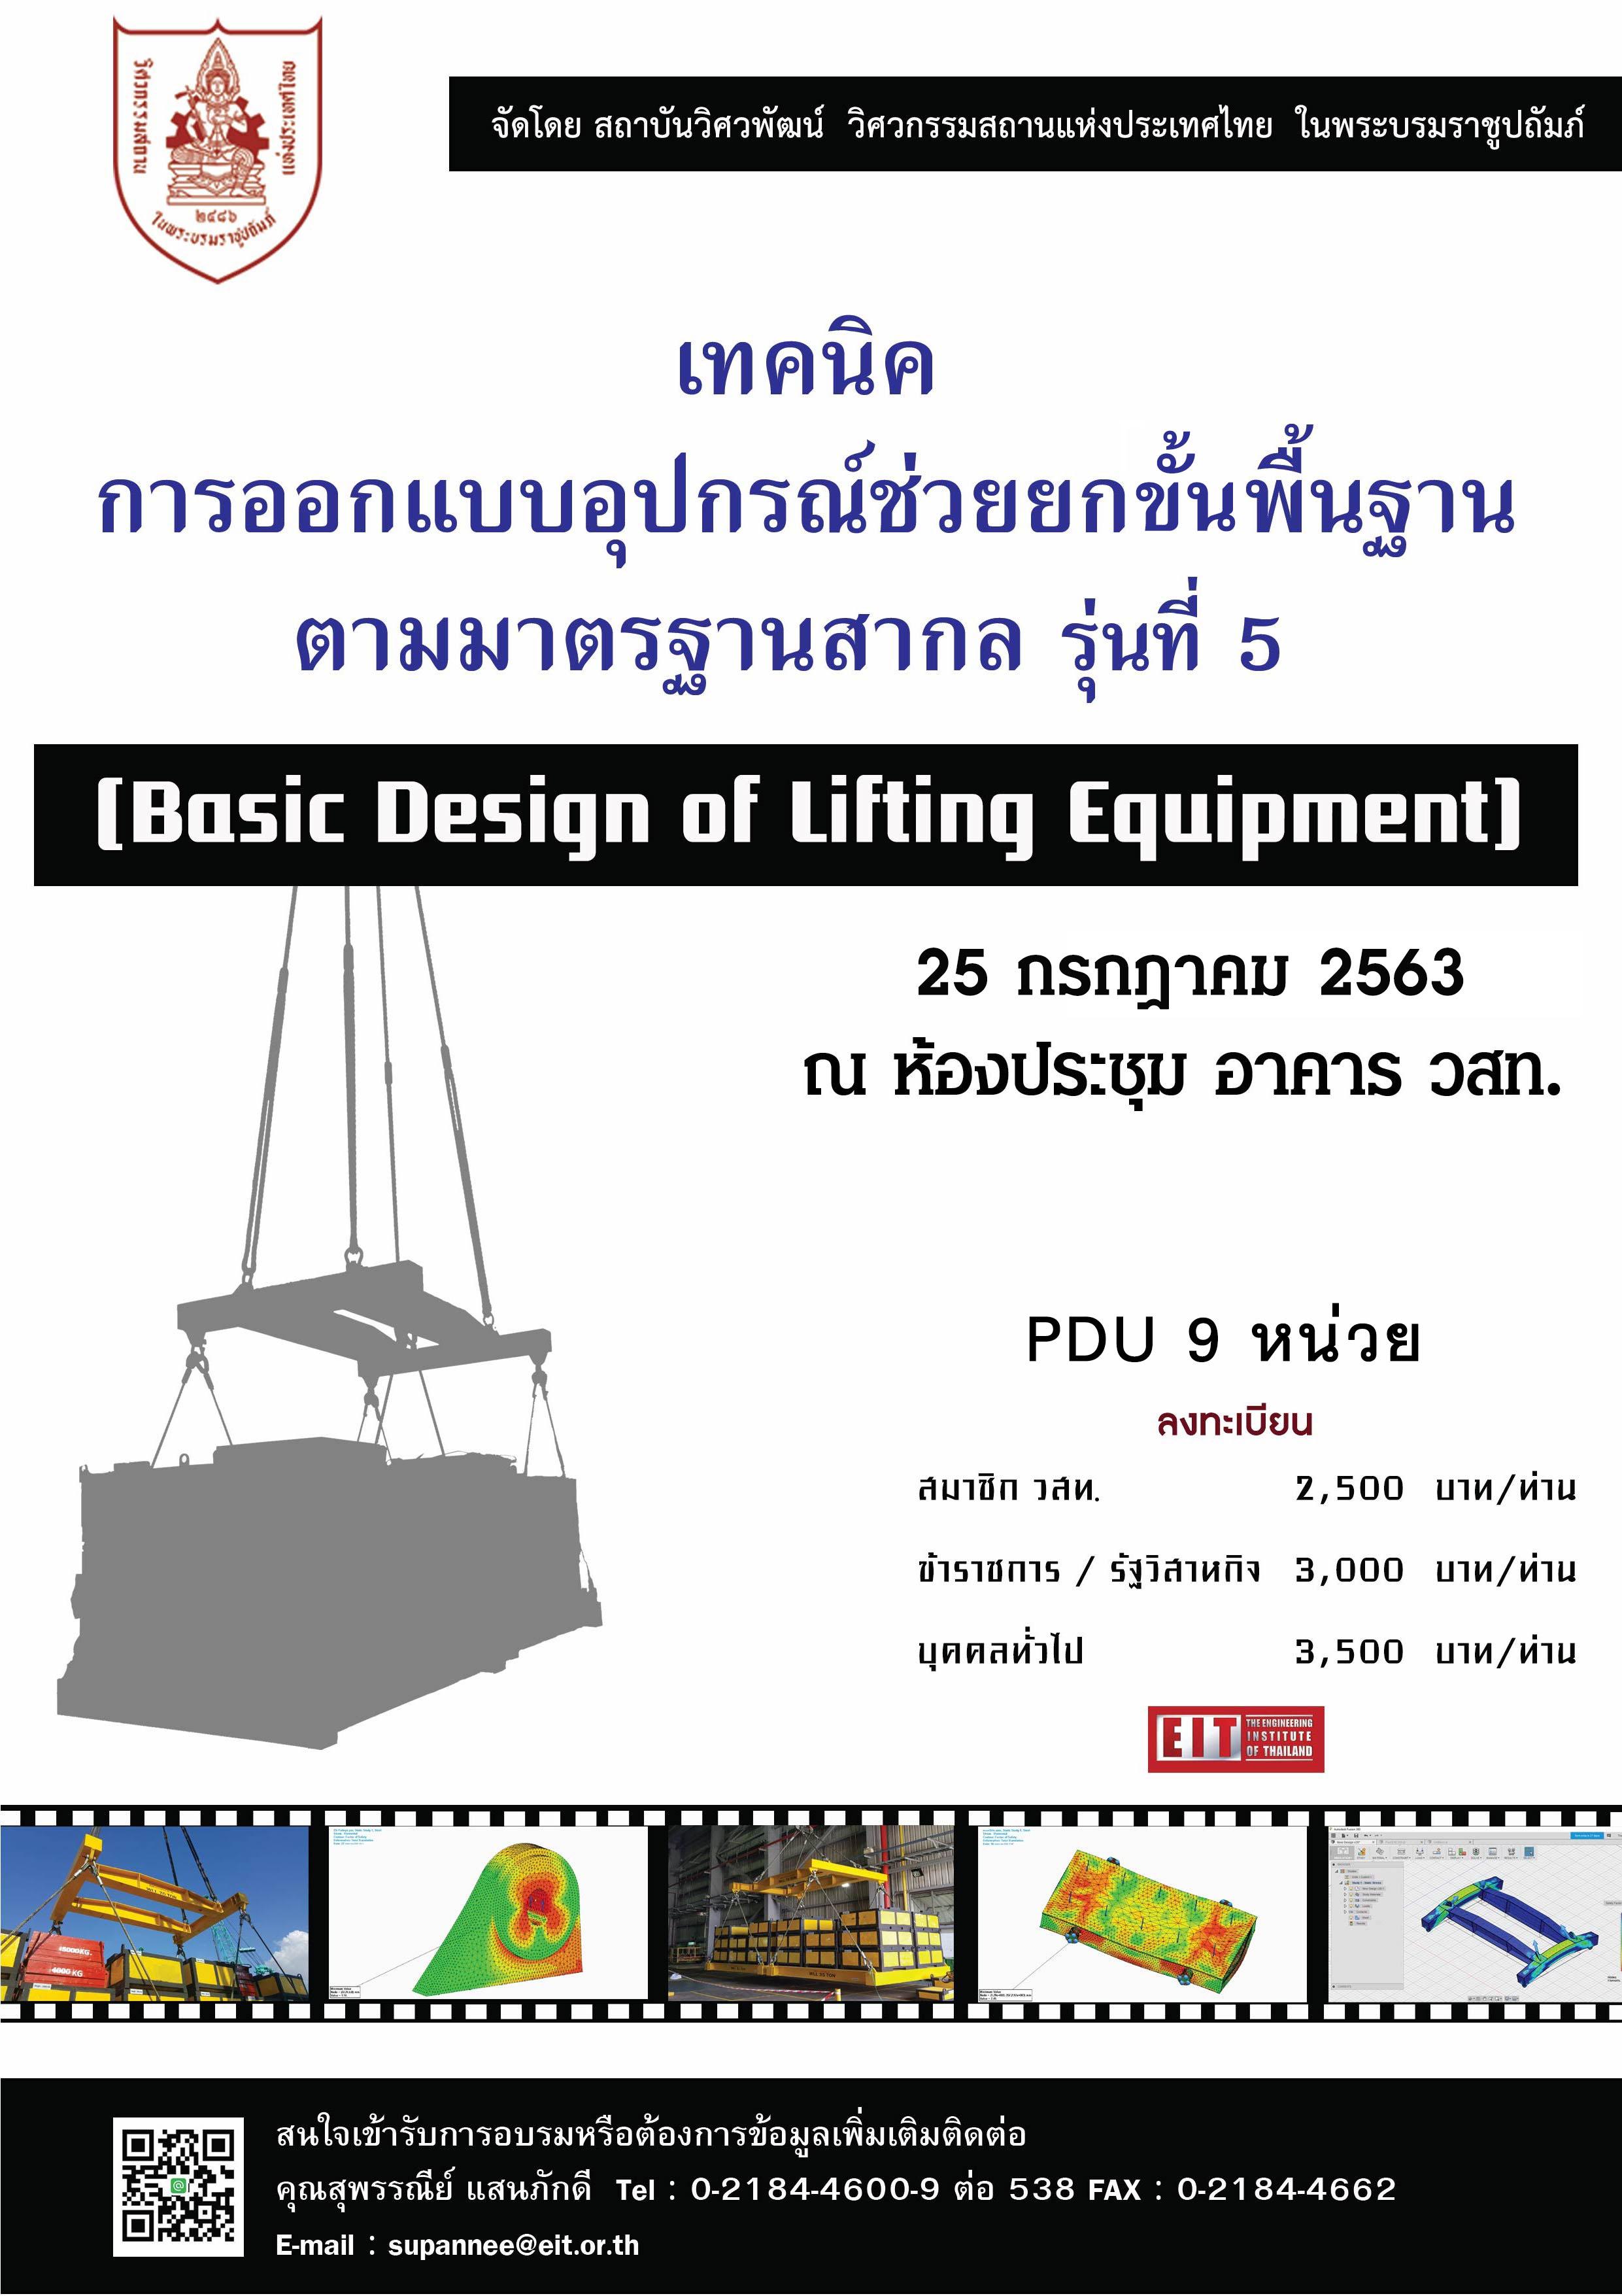 25/07/2563 การอบรมเรื่อง เทคนิคการออกแบบอุปกรณ์ช่วยยกขั้นพื้นฐาน ตามมาตรฐานสากล (Basic Design of Lifting Equipment) รุ่นที่ 5 **คอนเฟิร์มจัดอบรม**